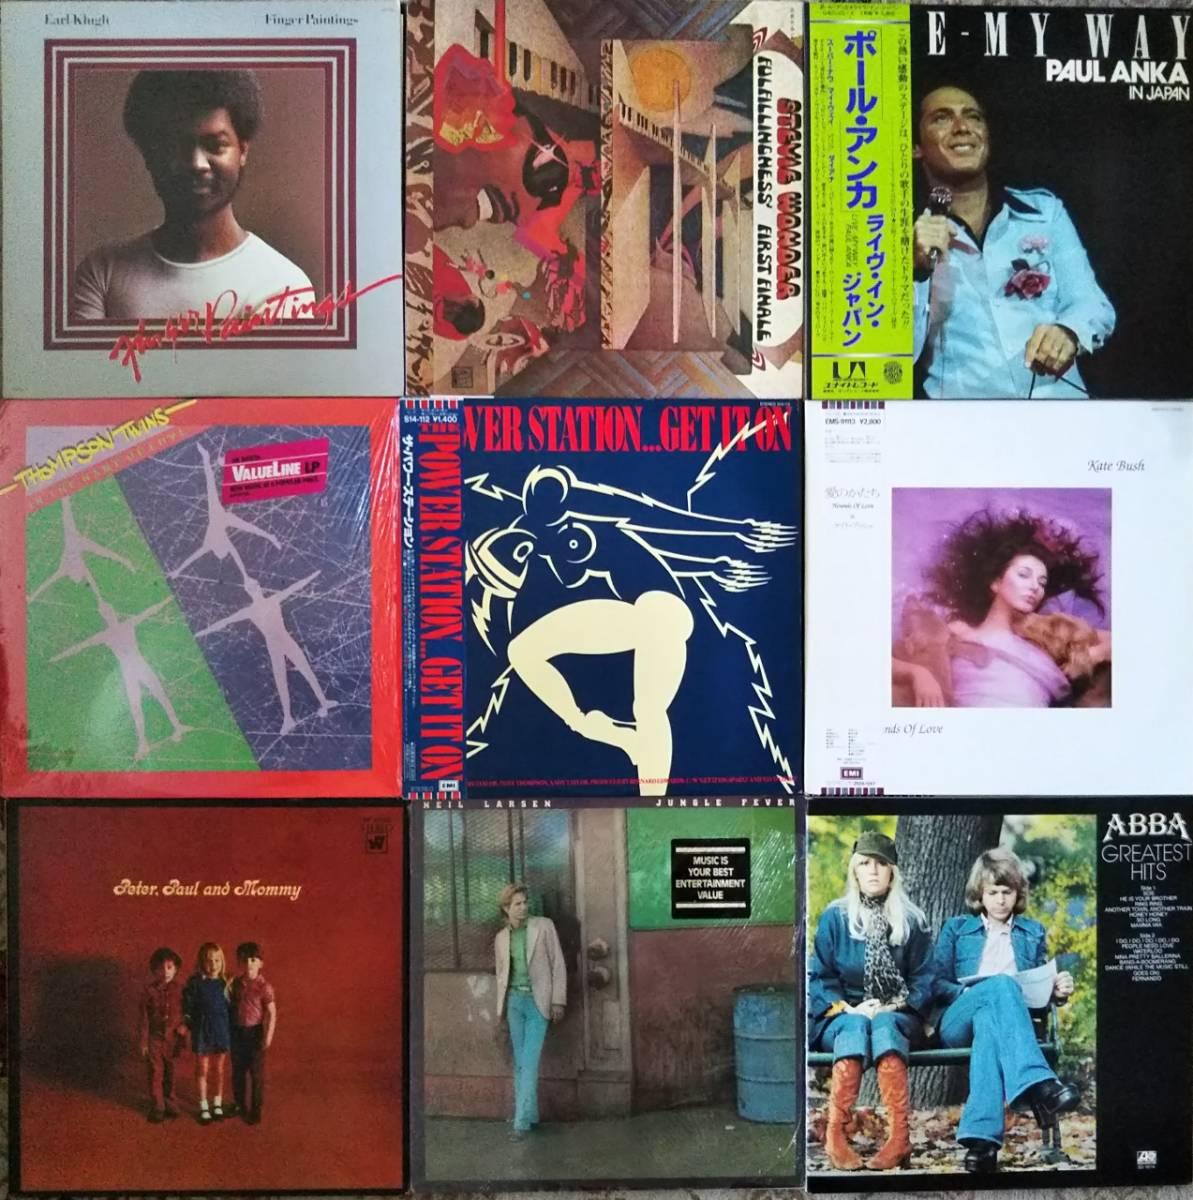 洋楽 LP45枚セット BEATLES ビートルズ、ロック、AOR、リンダ・ロンシュタット、ABBA、ボブ・ディラン、SOUL、FUSION、ビージーズなど_画像4